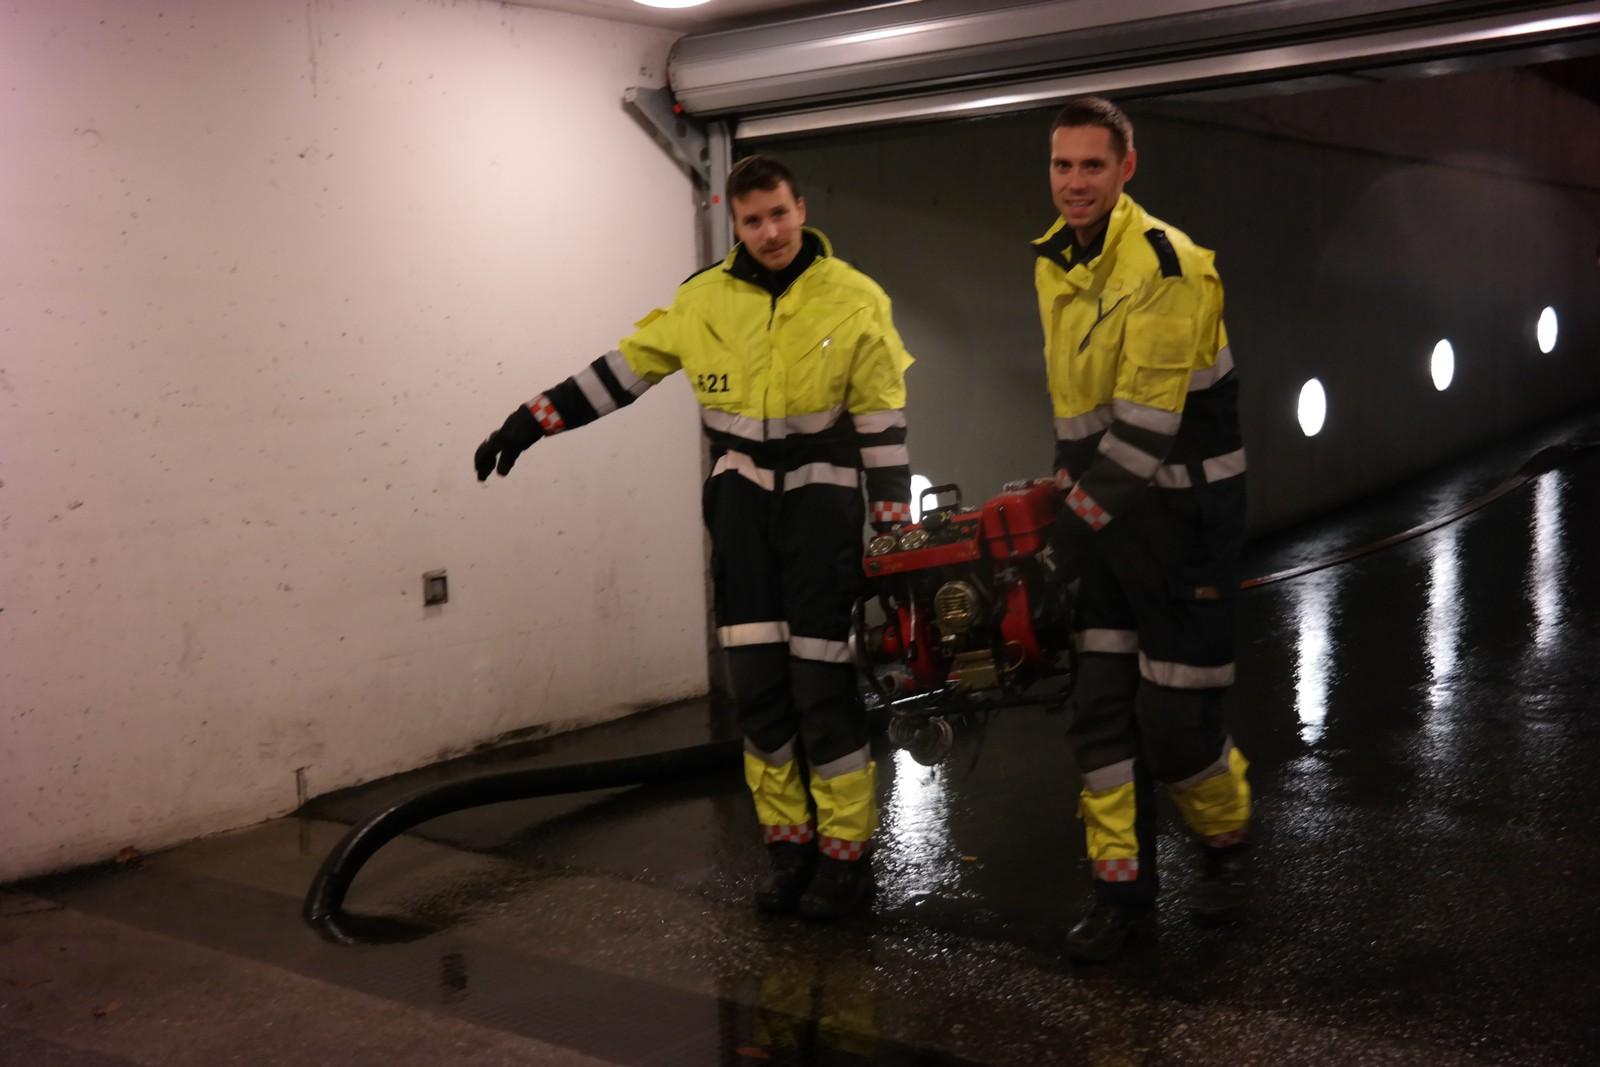 LANG NATT: Mannskap frå brannvesenet i sving i kjellaren på Åsane senter.